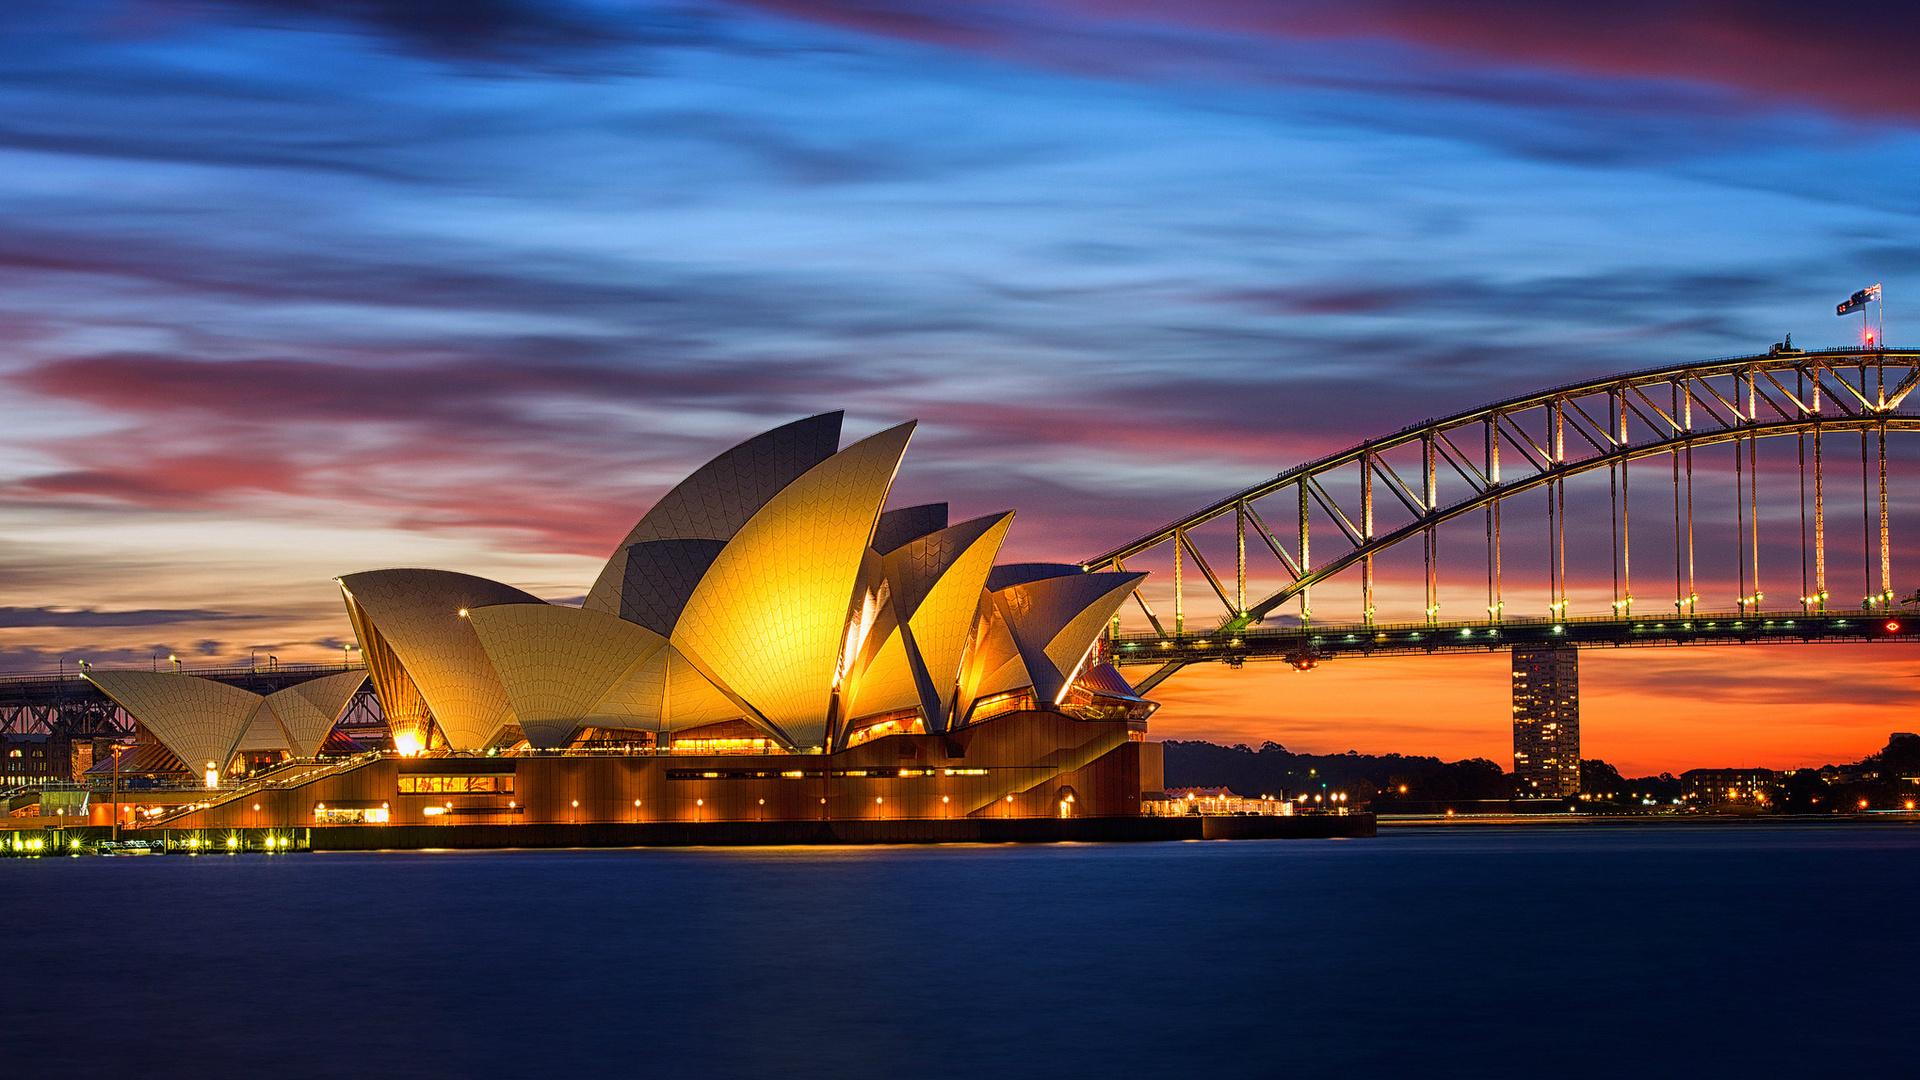 sydney-opera-house-sydney-australia